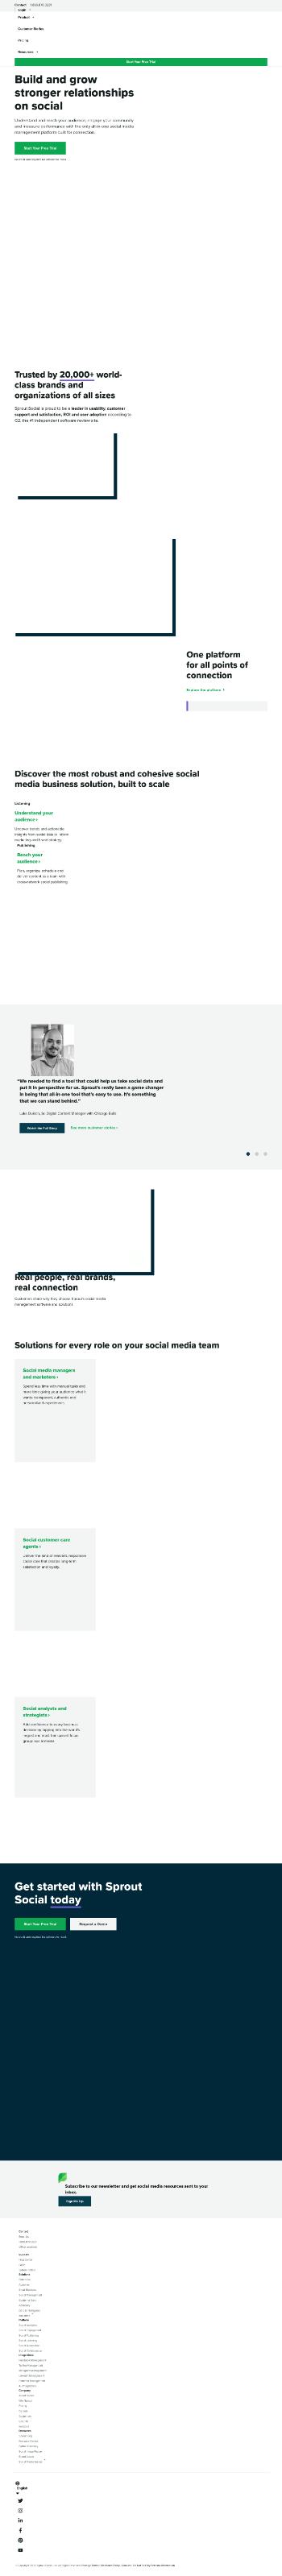 Sprout Social, Inc. Website Screenshot